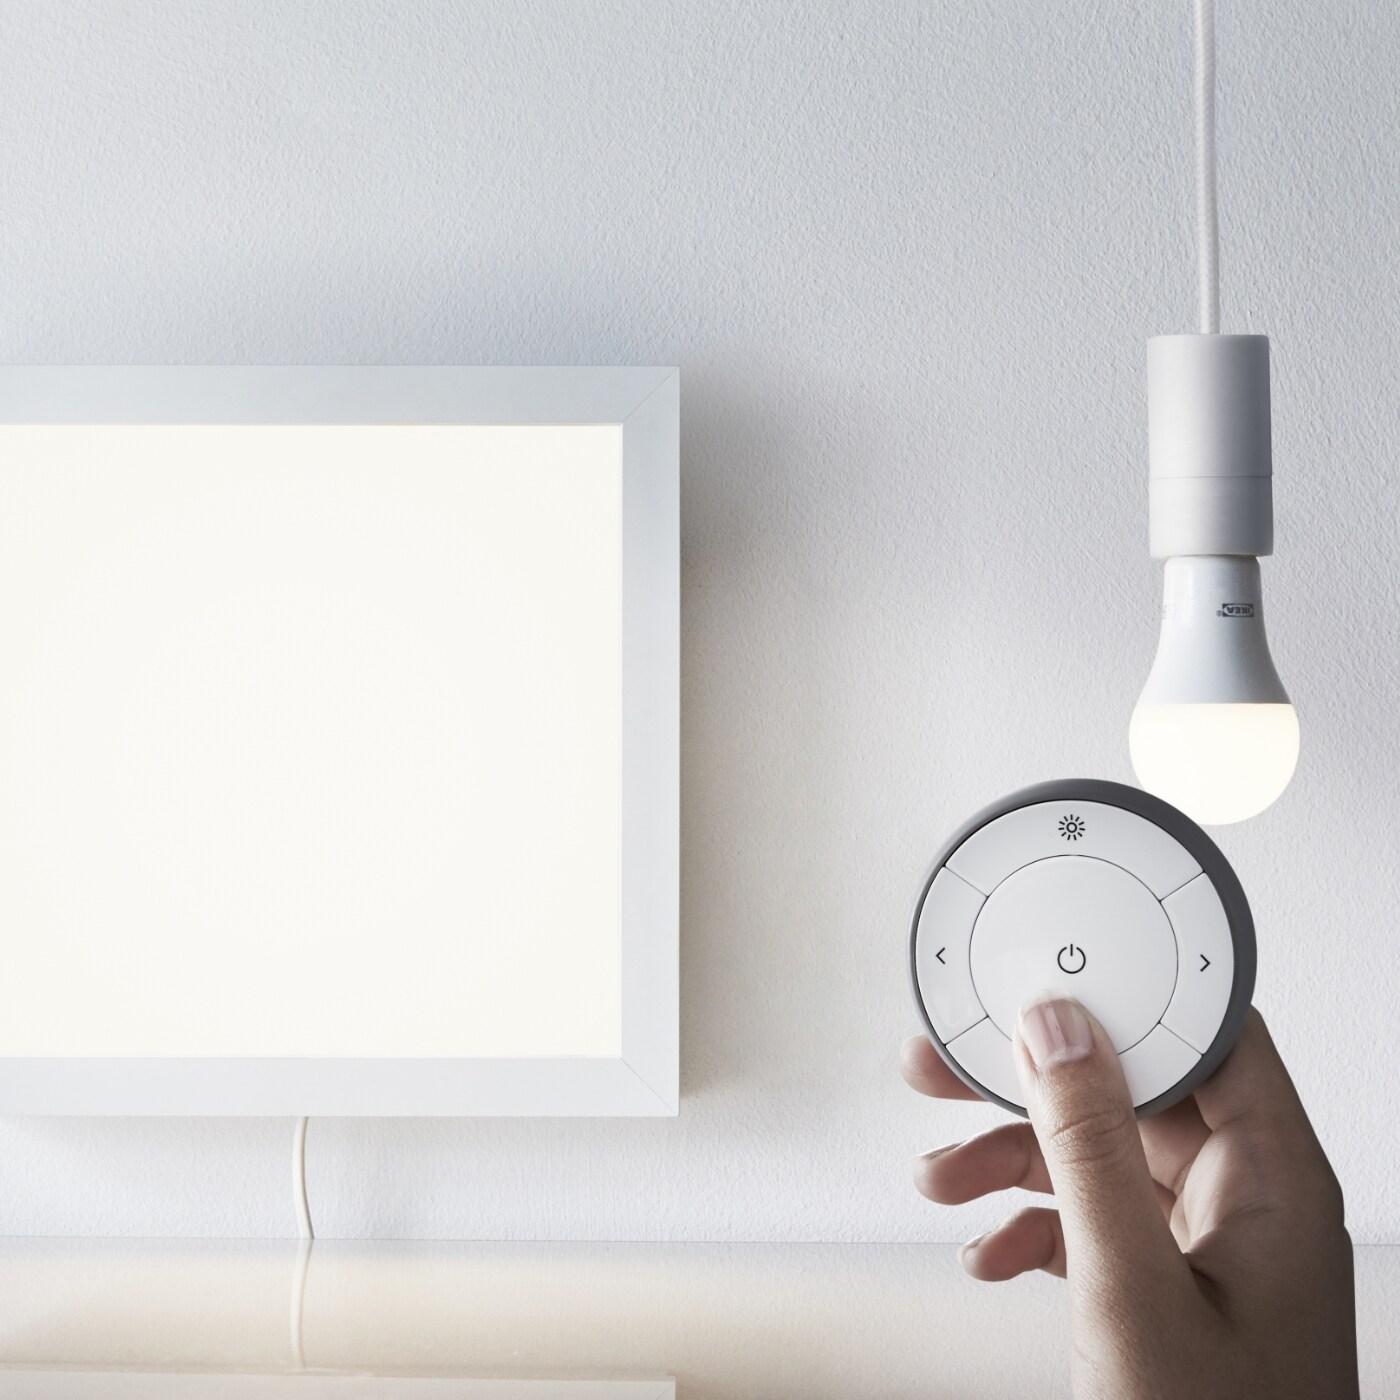 Joc de regulador d'intensitat d'espectre blanc TRÅDFRI, que inclou una bombeta LED i un comandament a distància.